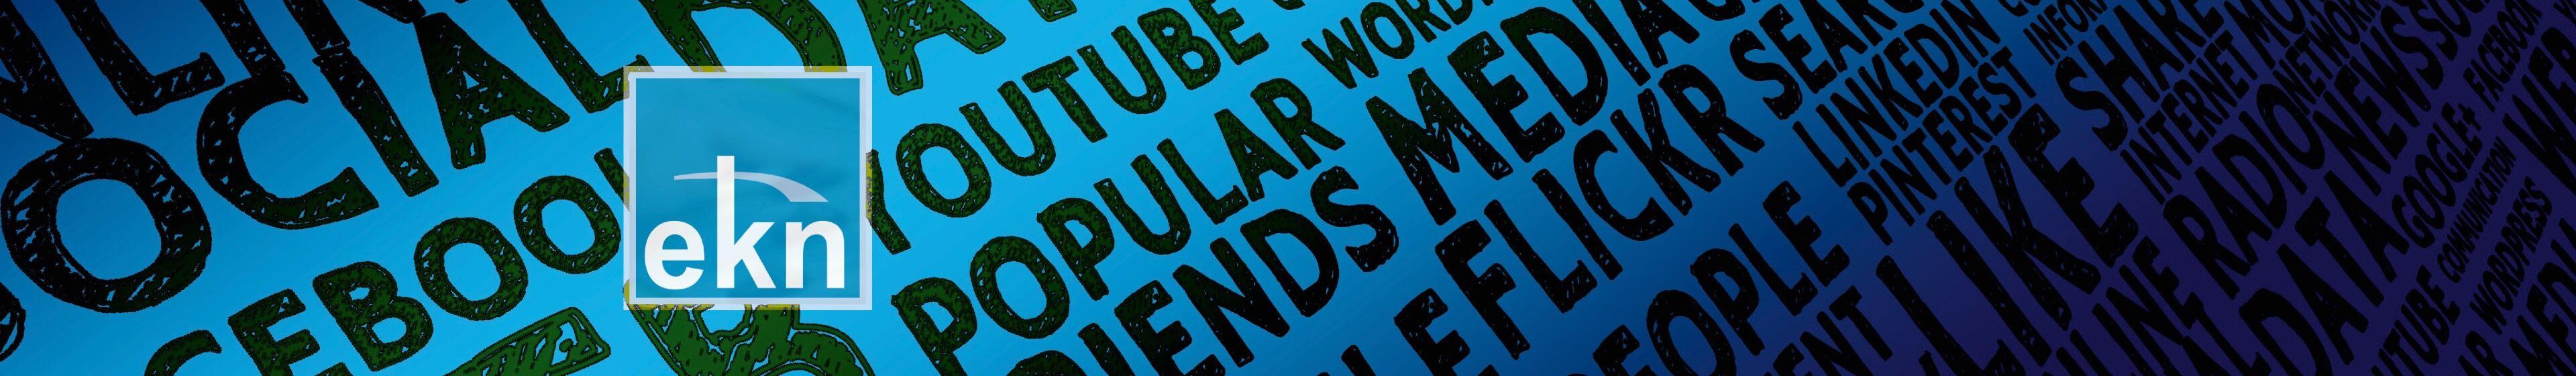 Wordcloud_Media_ekn_links